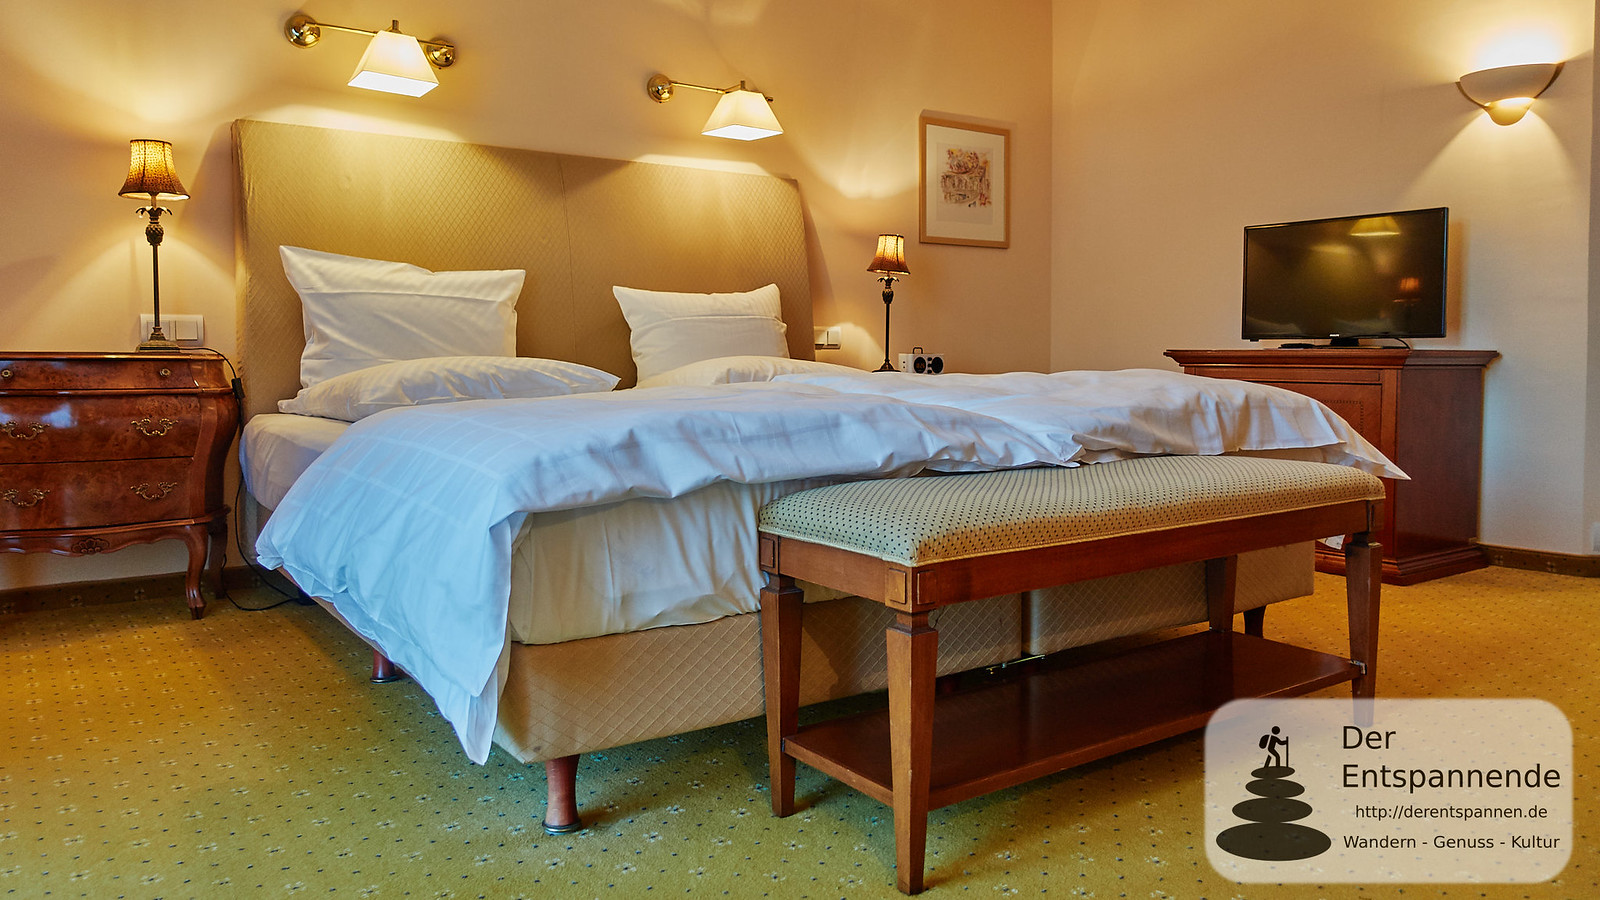 Zimmer im Hotel Erbprinz Ettlingen